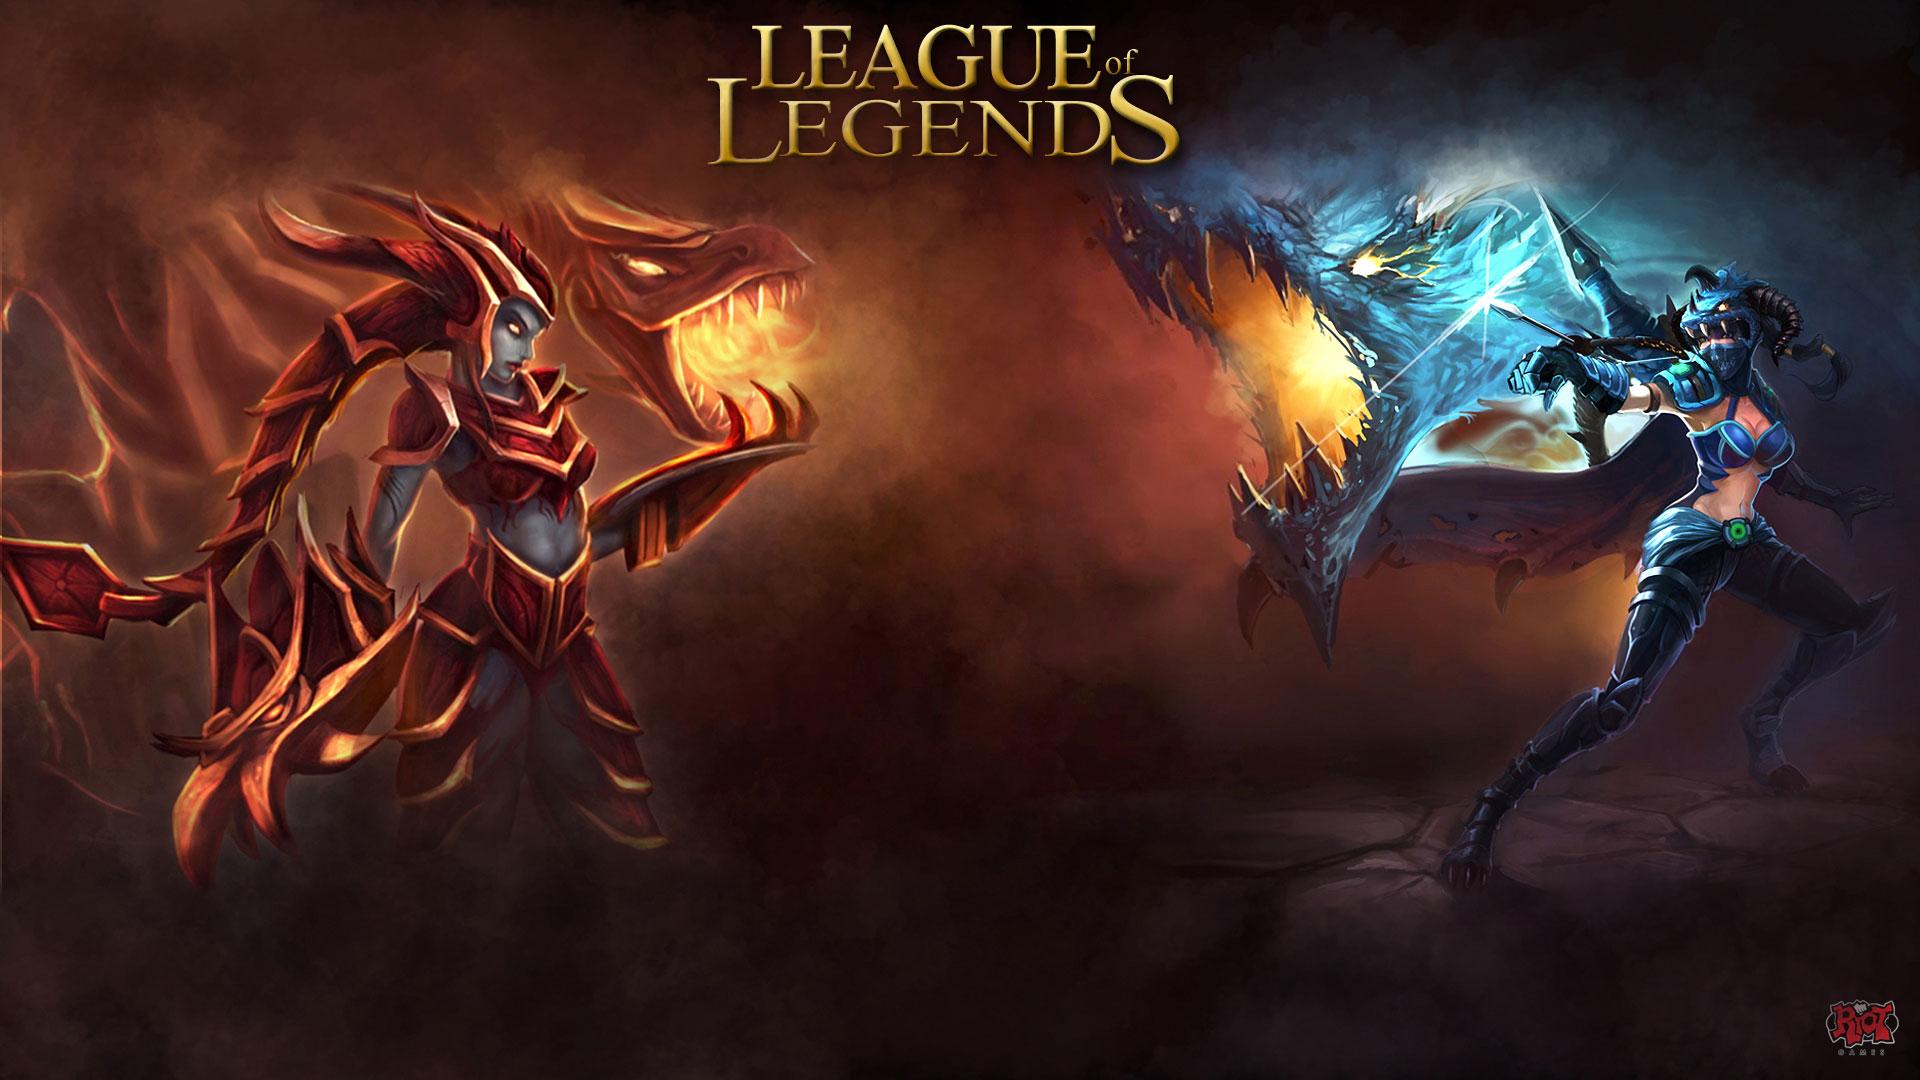 League Of Legends Shyvana wallpaper 257487 1920x1080